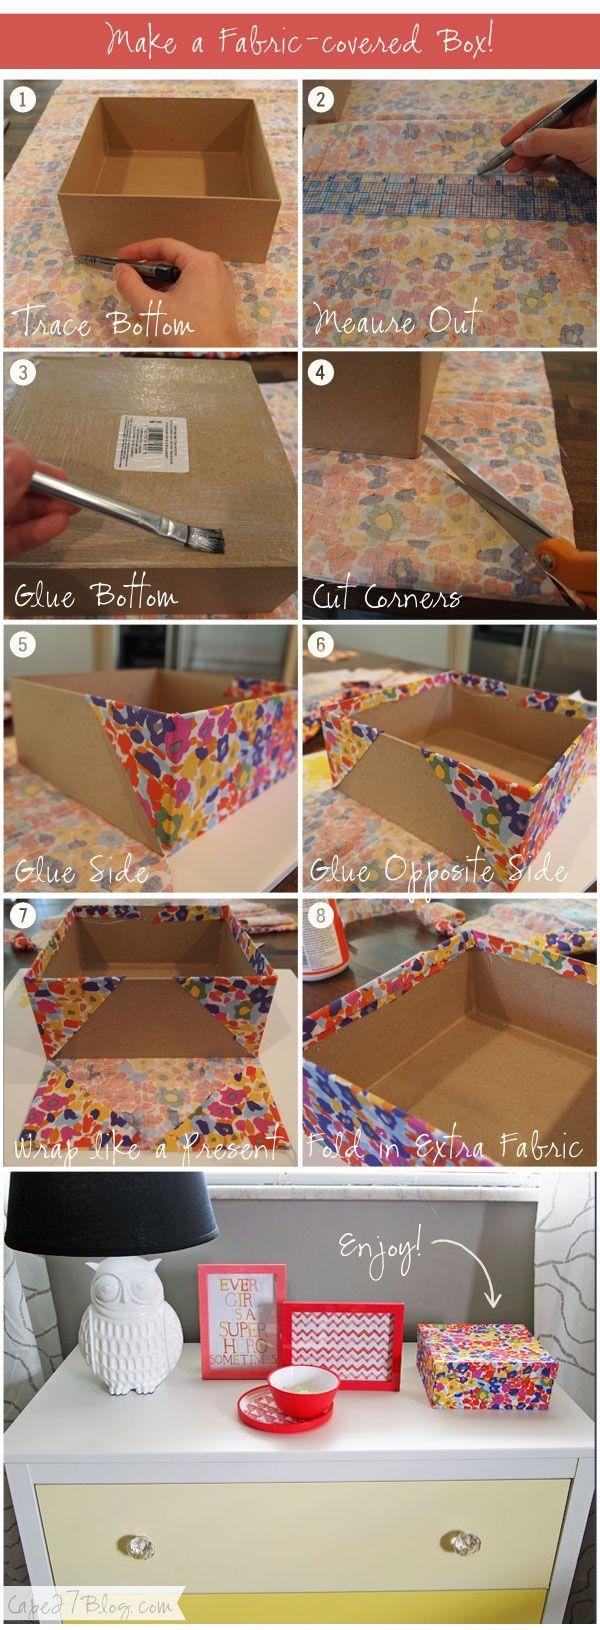 El taller de bielisa forrar una caja con tela for Forrar cajas de carton con tela